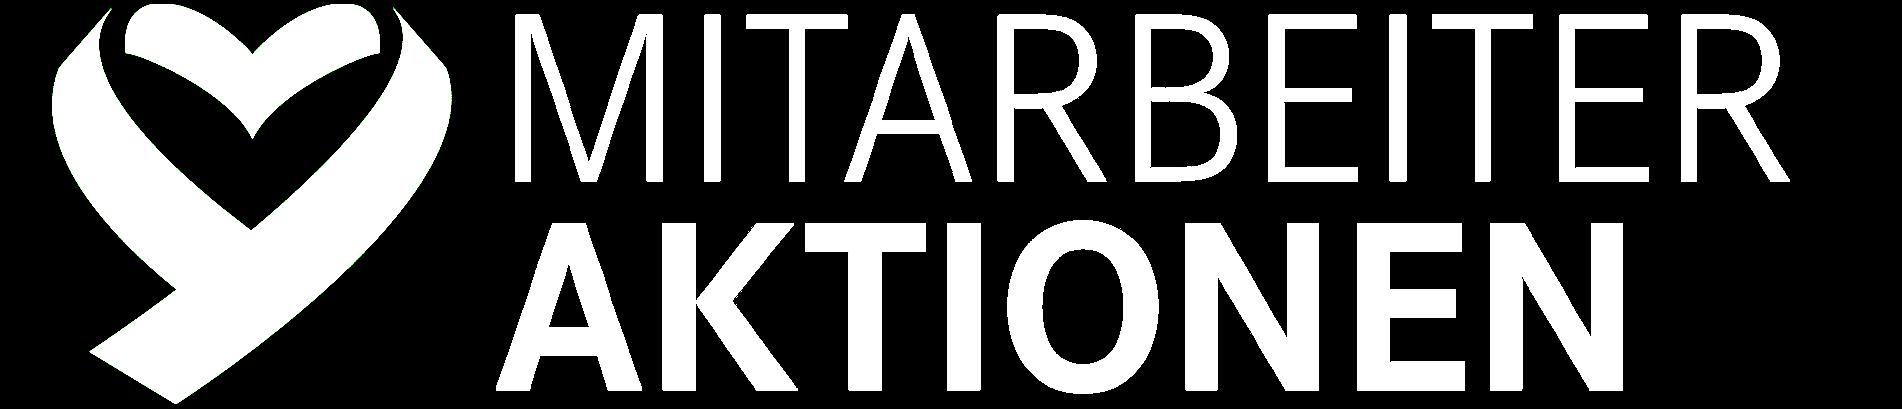 Mitarbeiteraktionen Logo